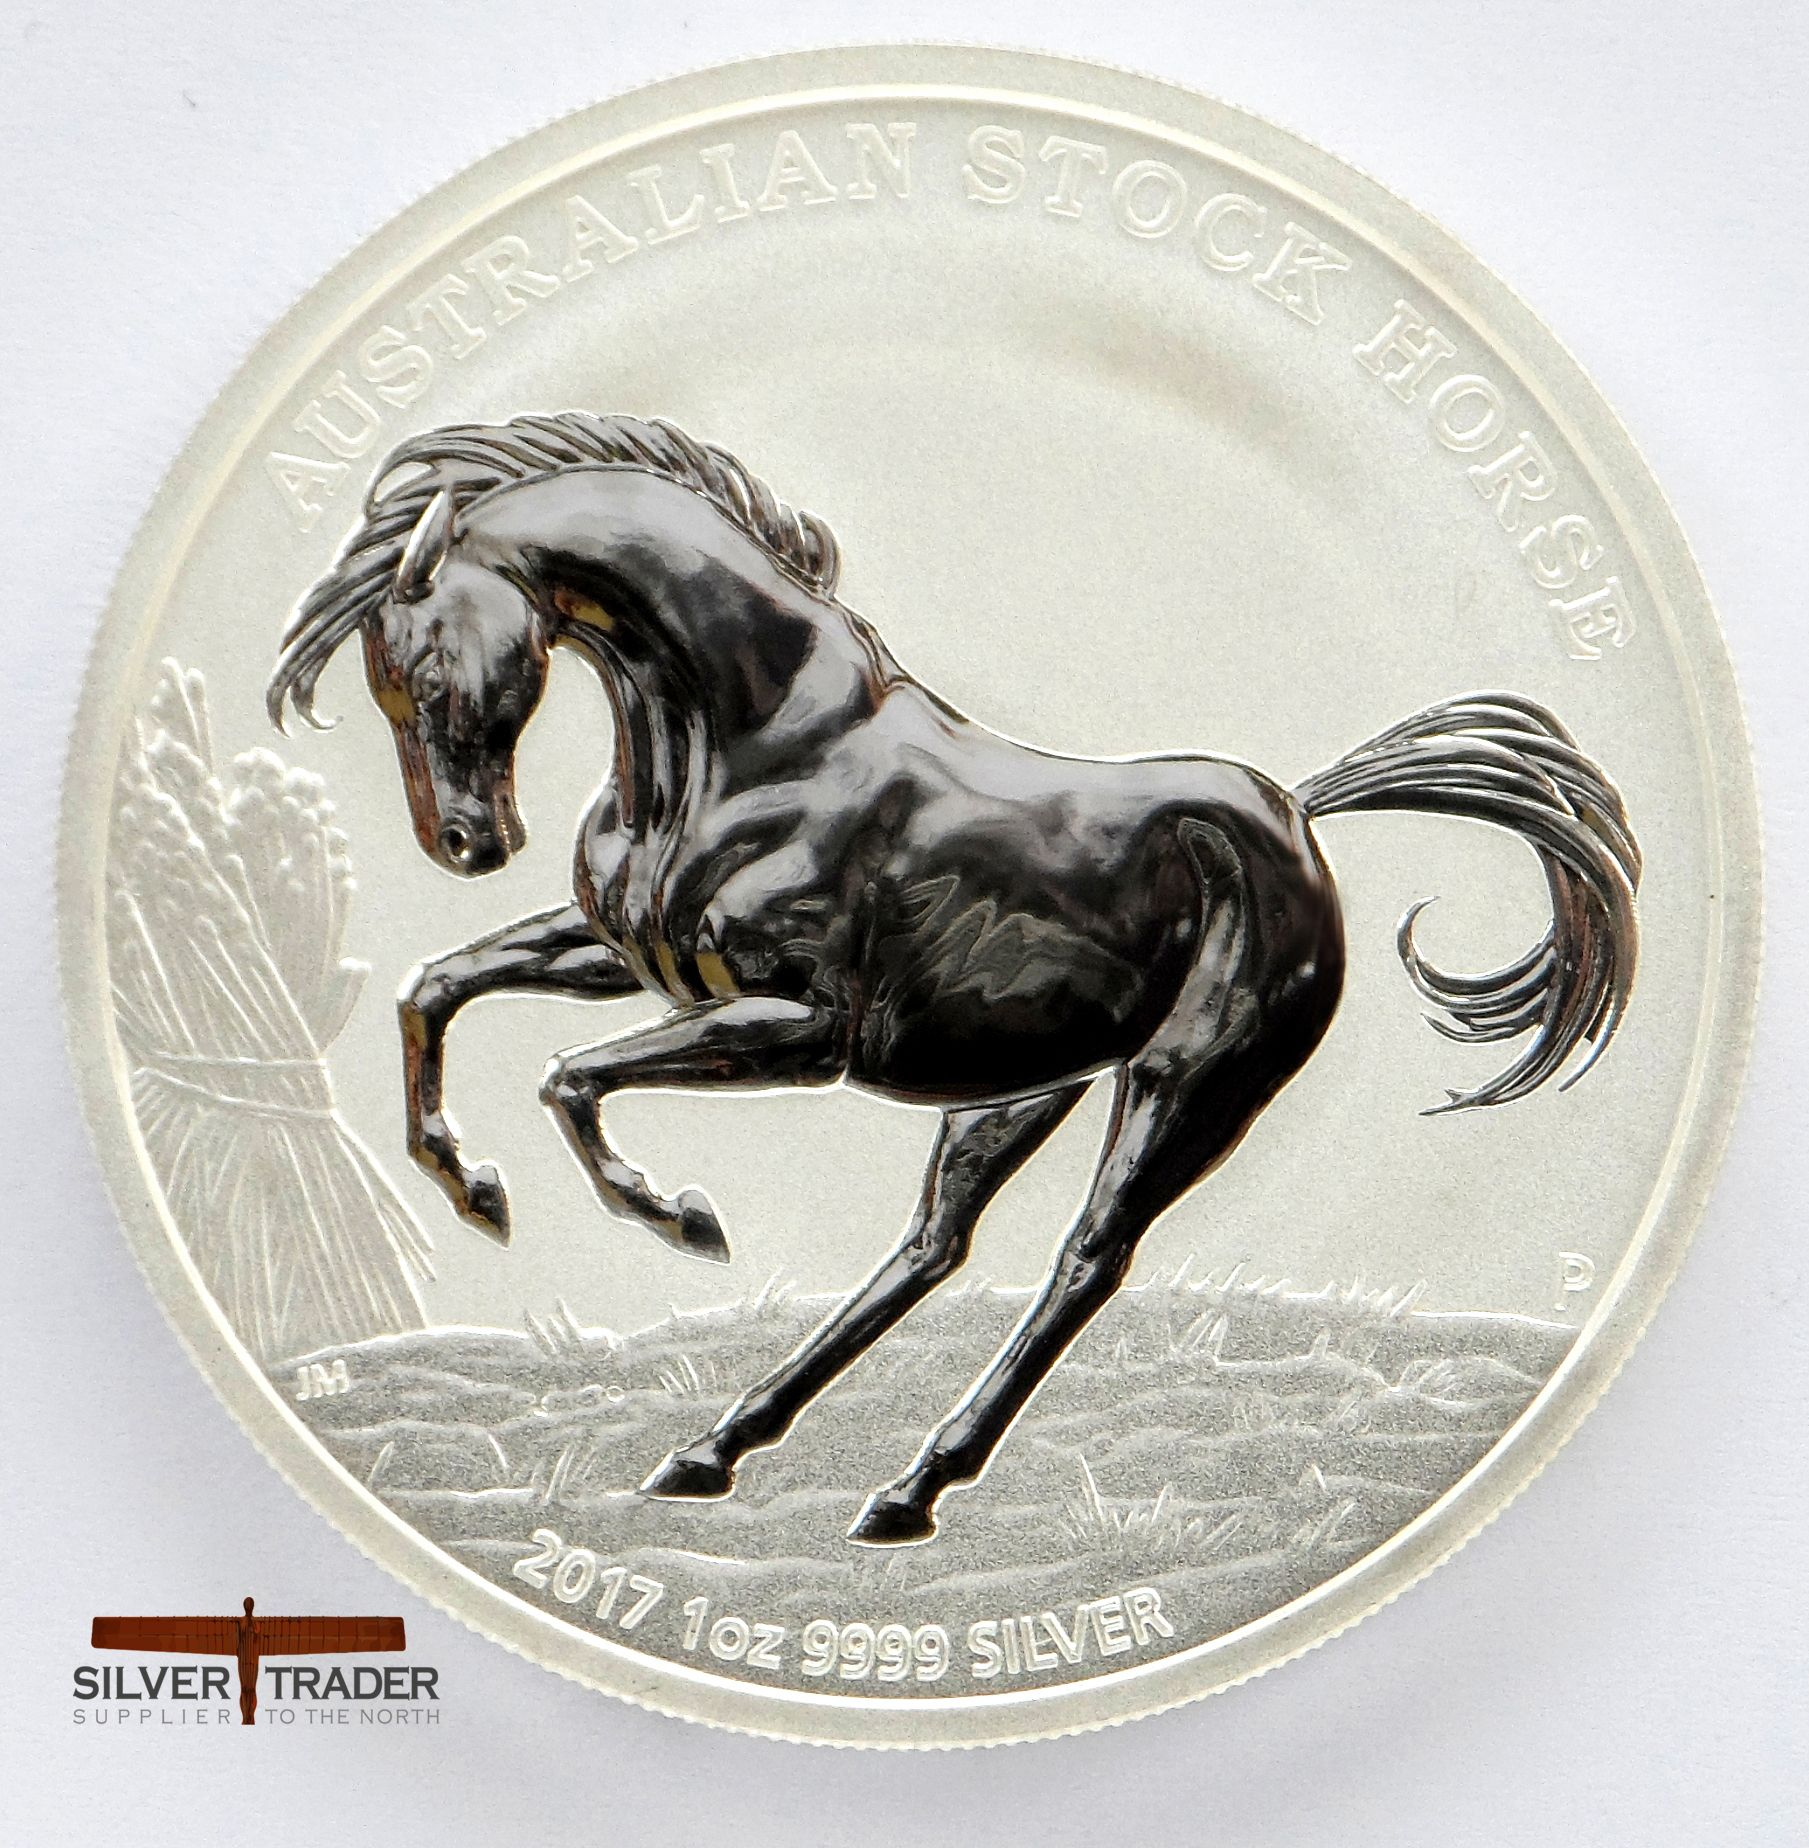 2017 Australian Stock Horse 1 Oz 999 Silver Bullion Coin Silver Bullion Coins